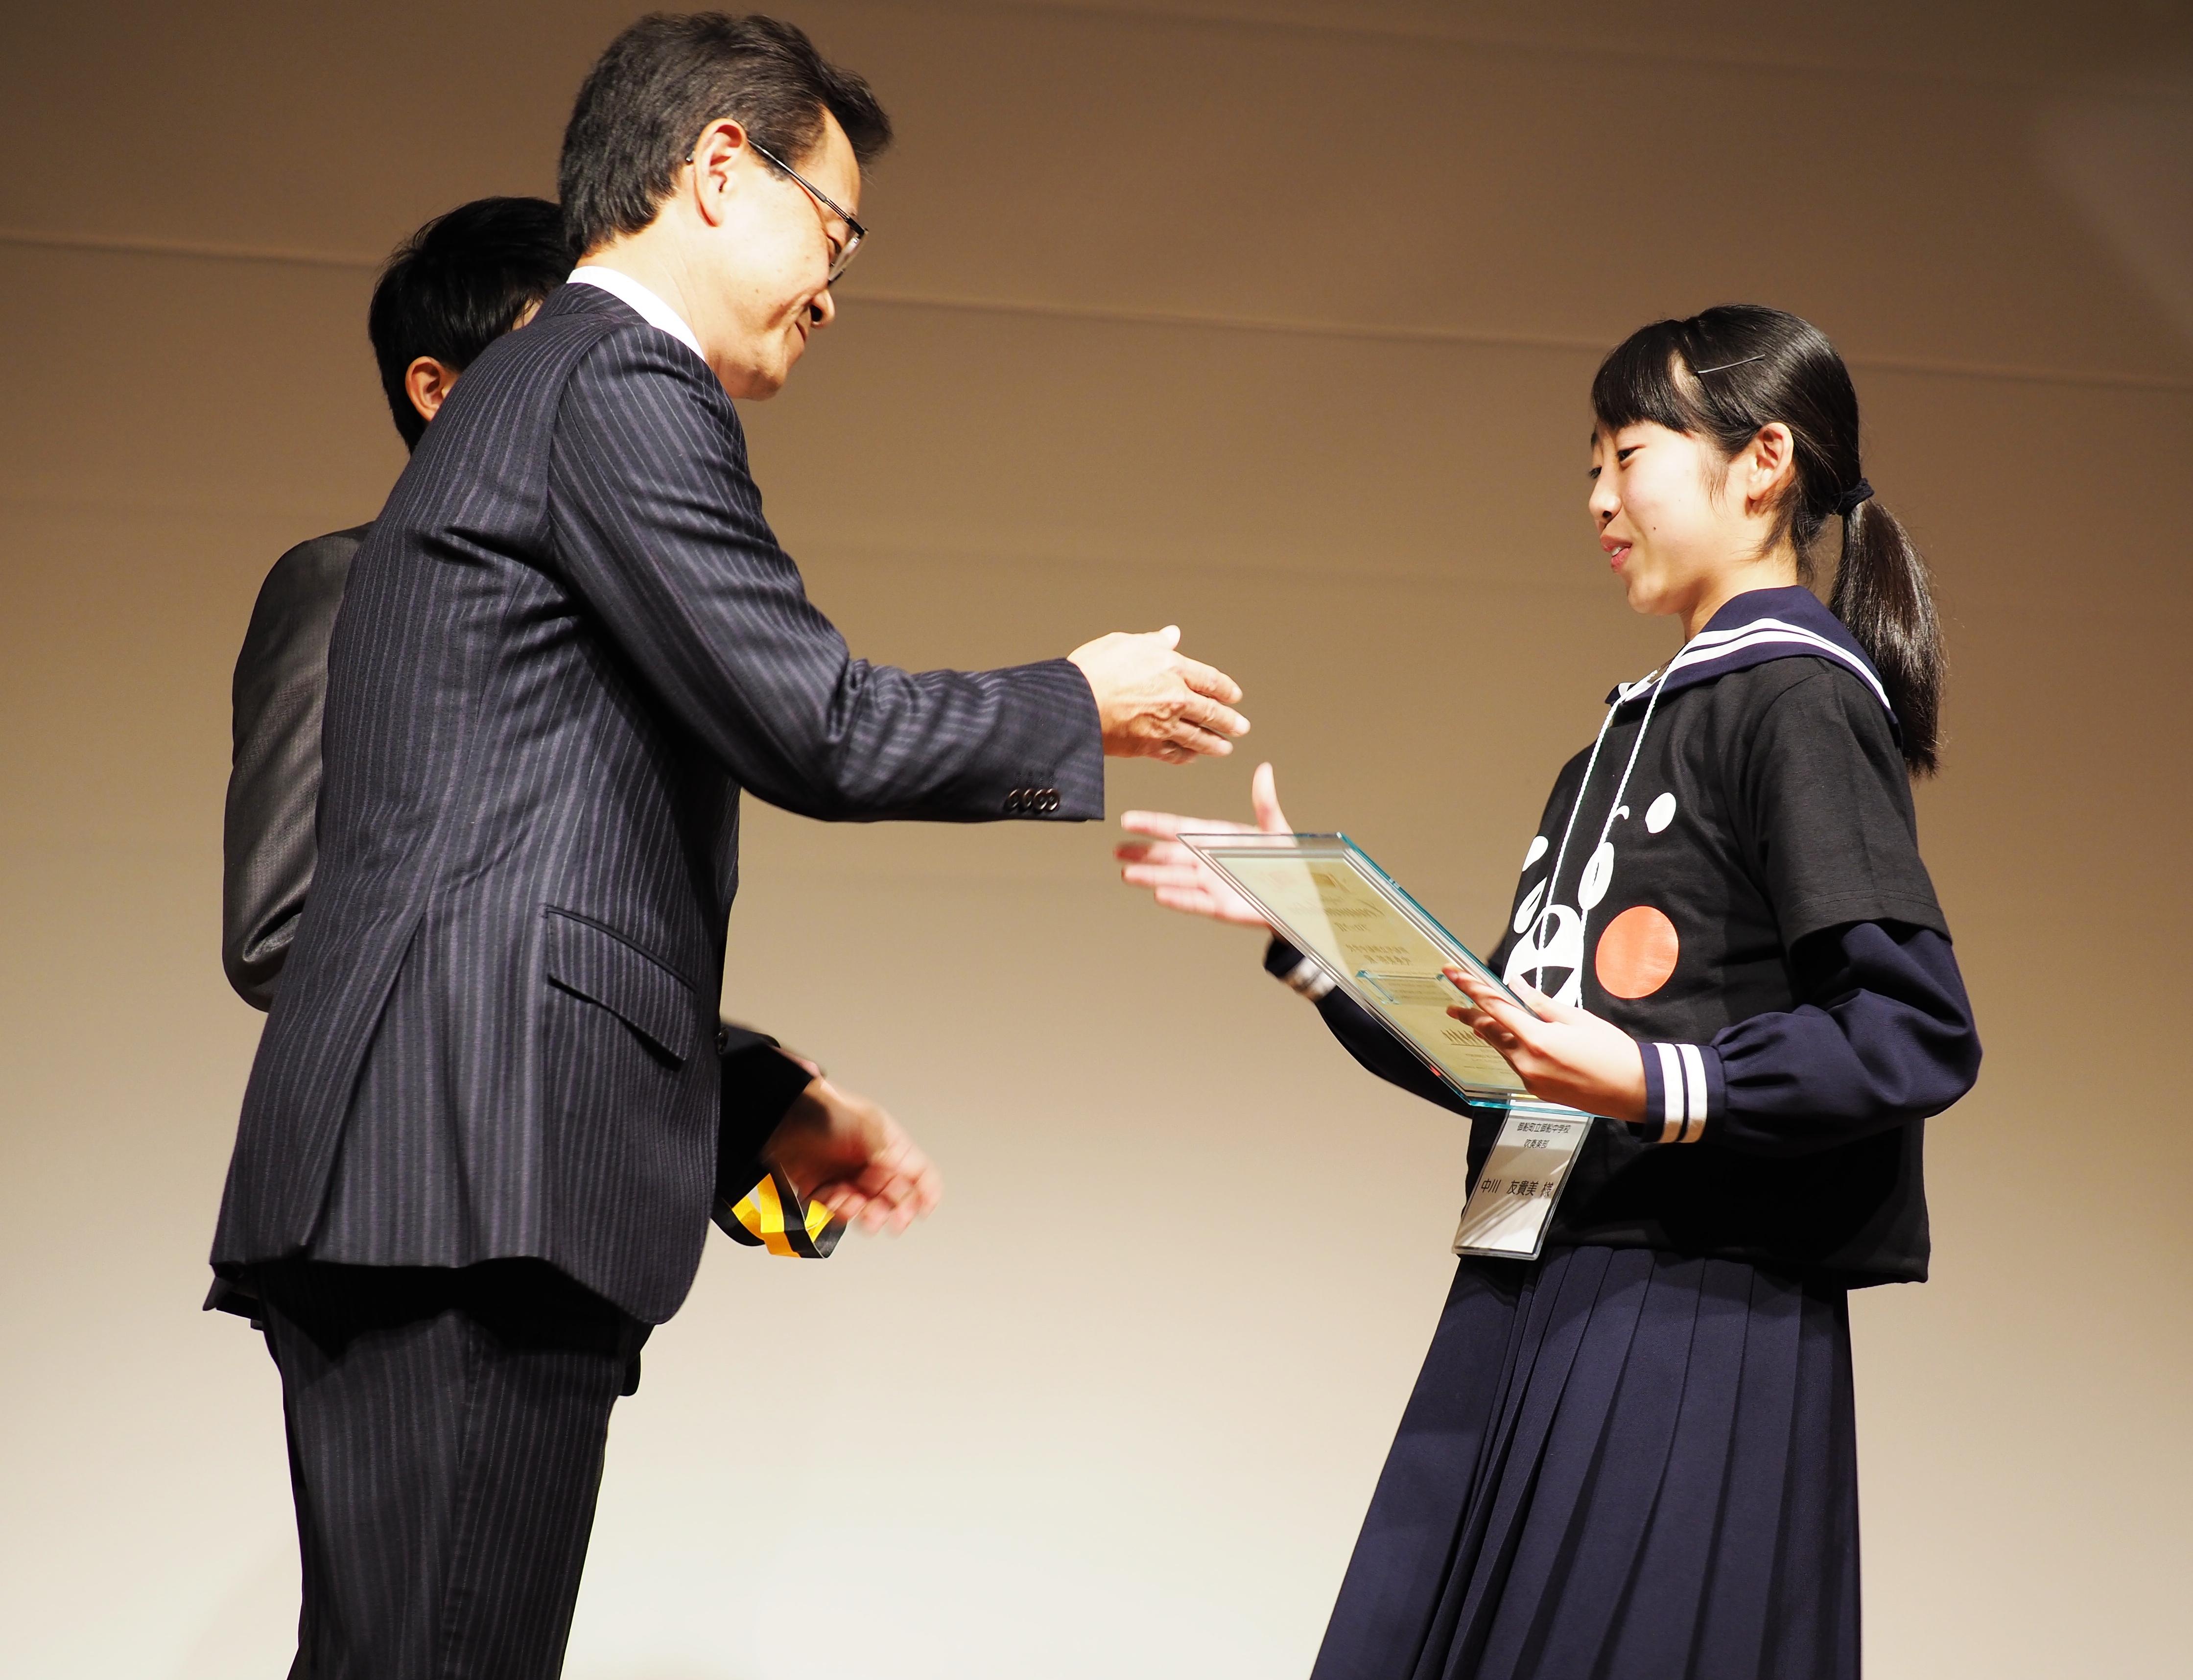 代表して表彰状を受け取る、御船中吹奏楽部の中川友貴美さん。制服の上に着たくまモンのTシャツがかわいい。